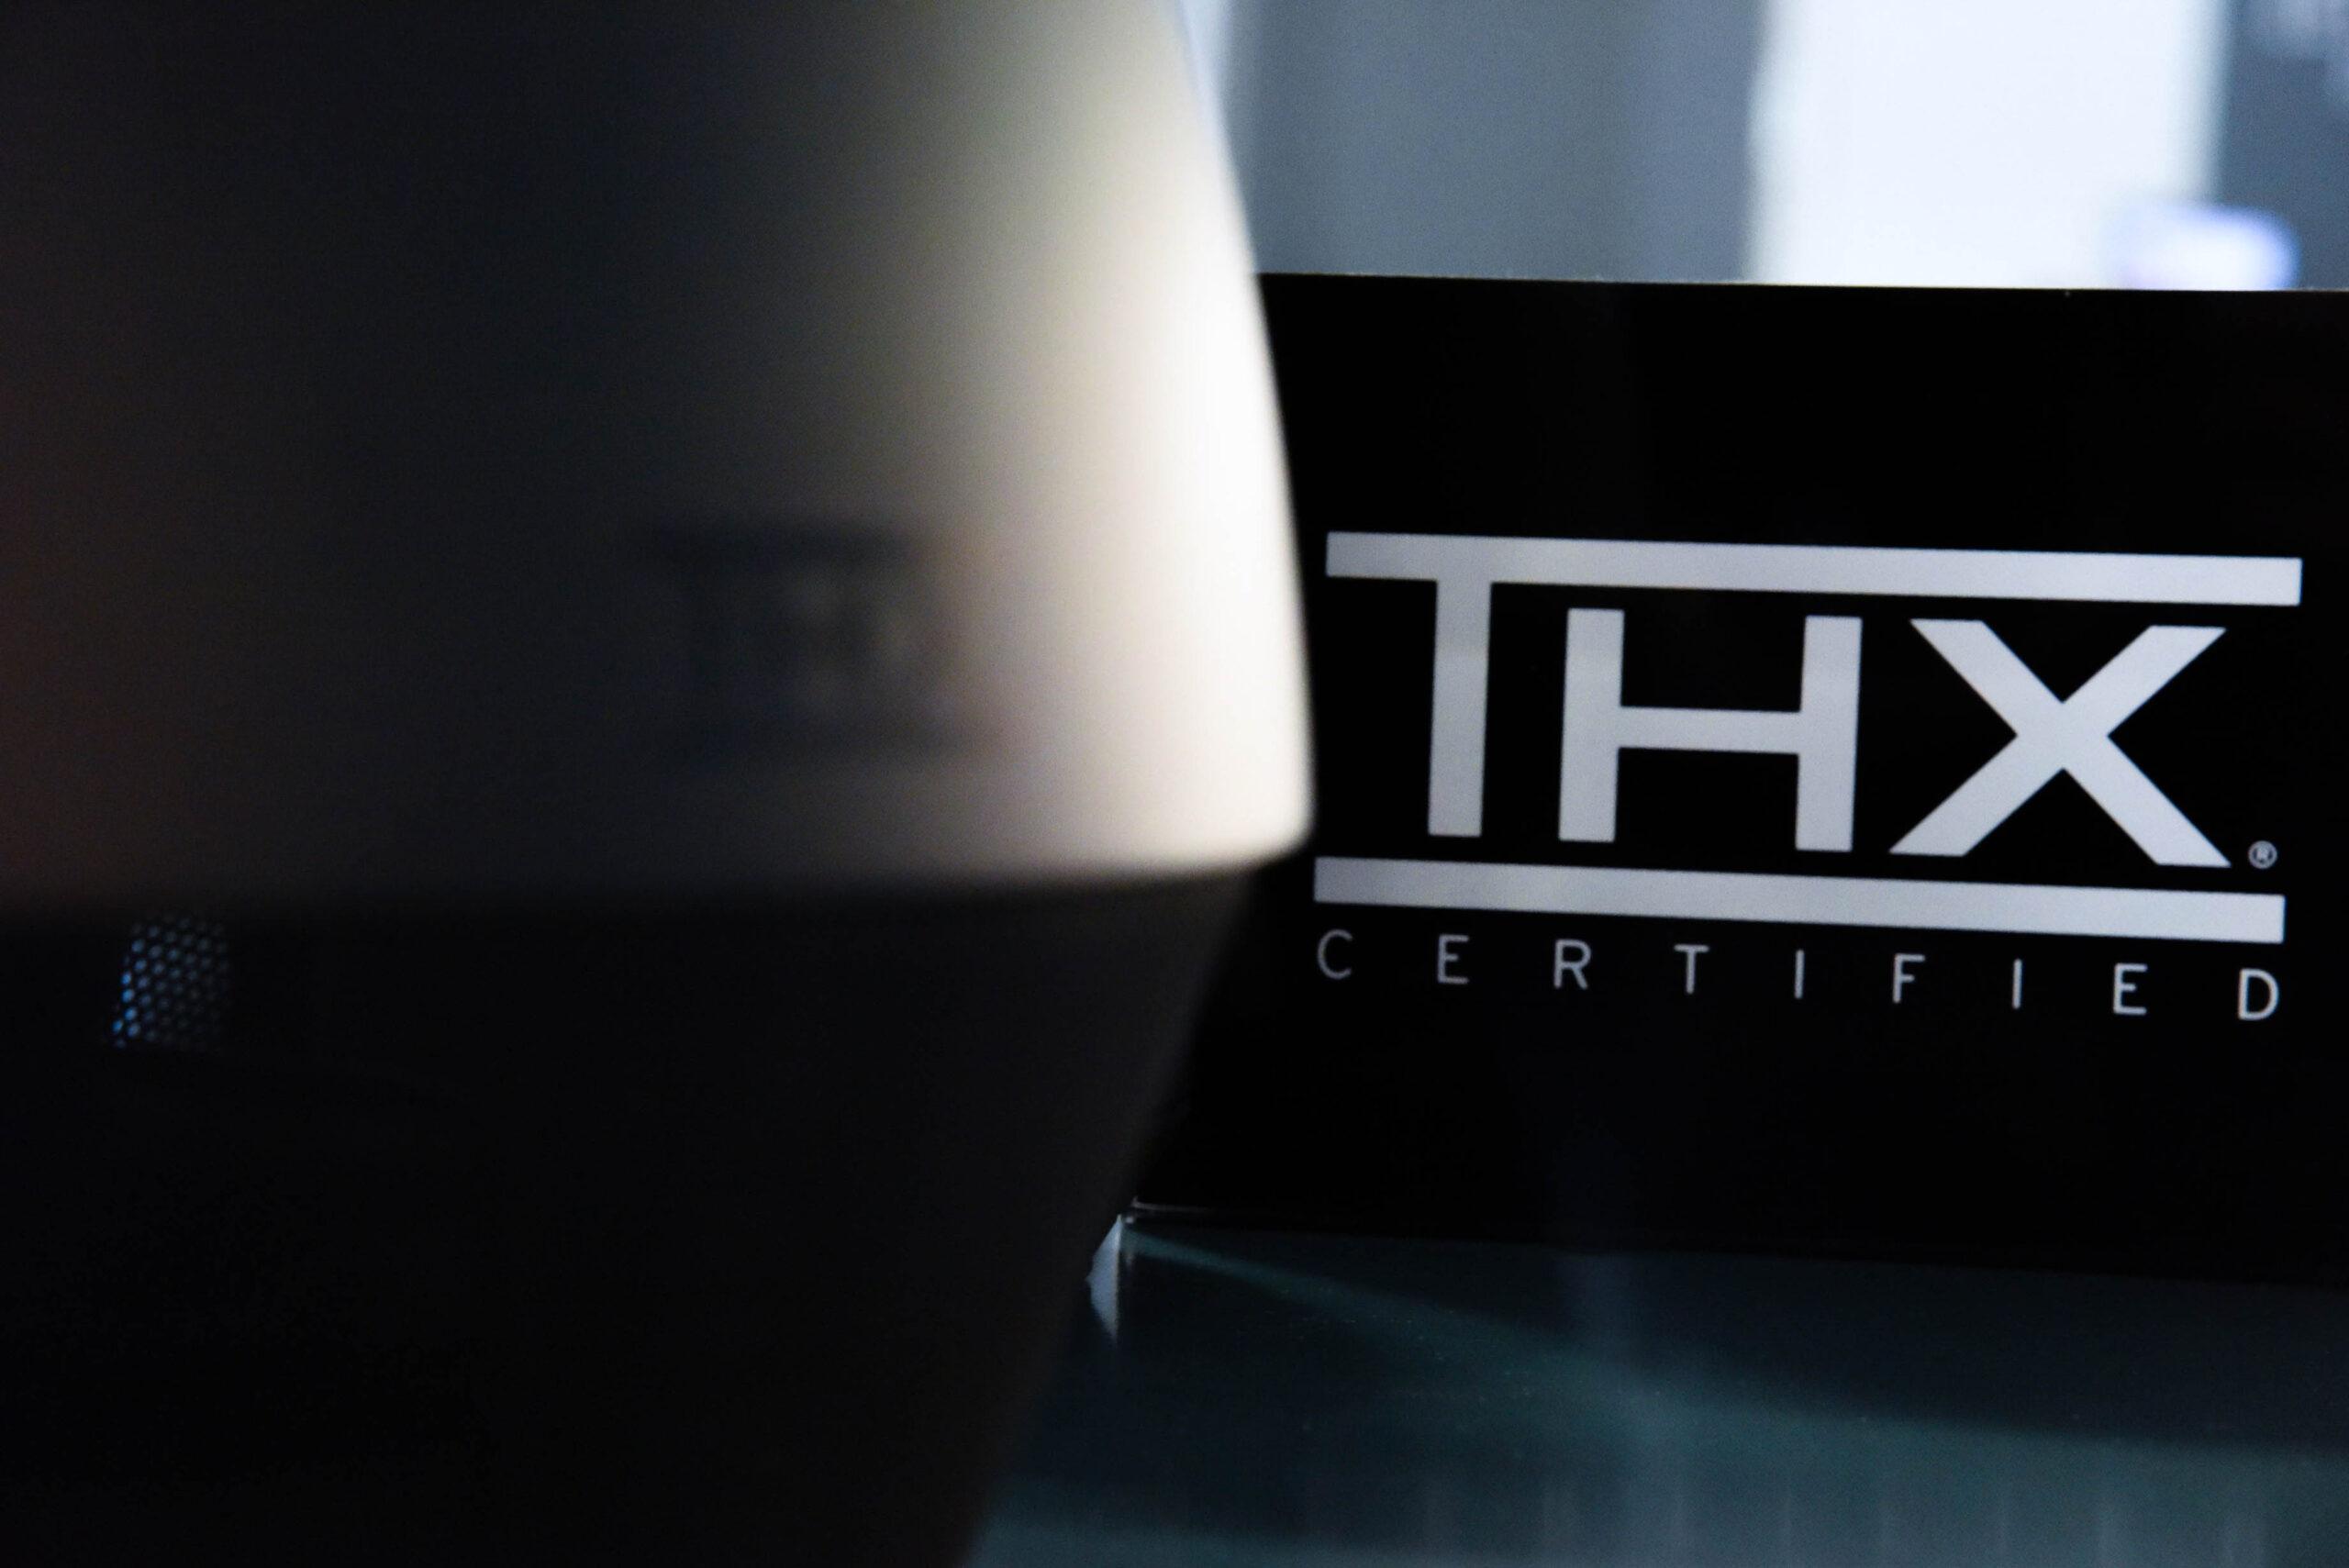 THX Certified Plaque